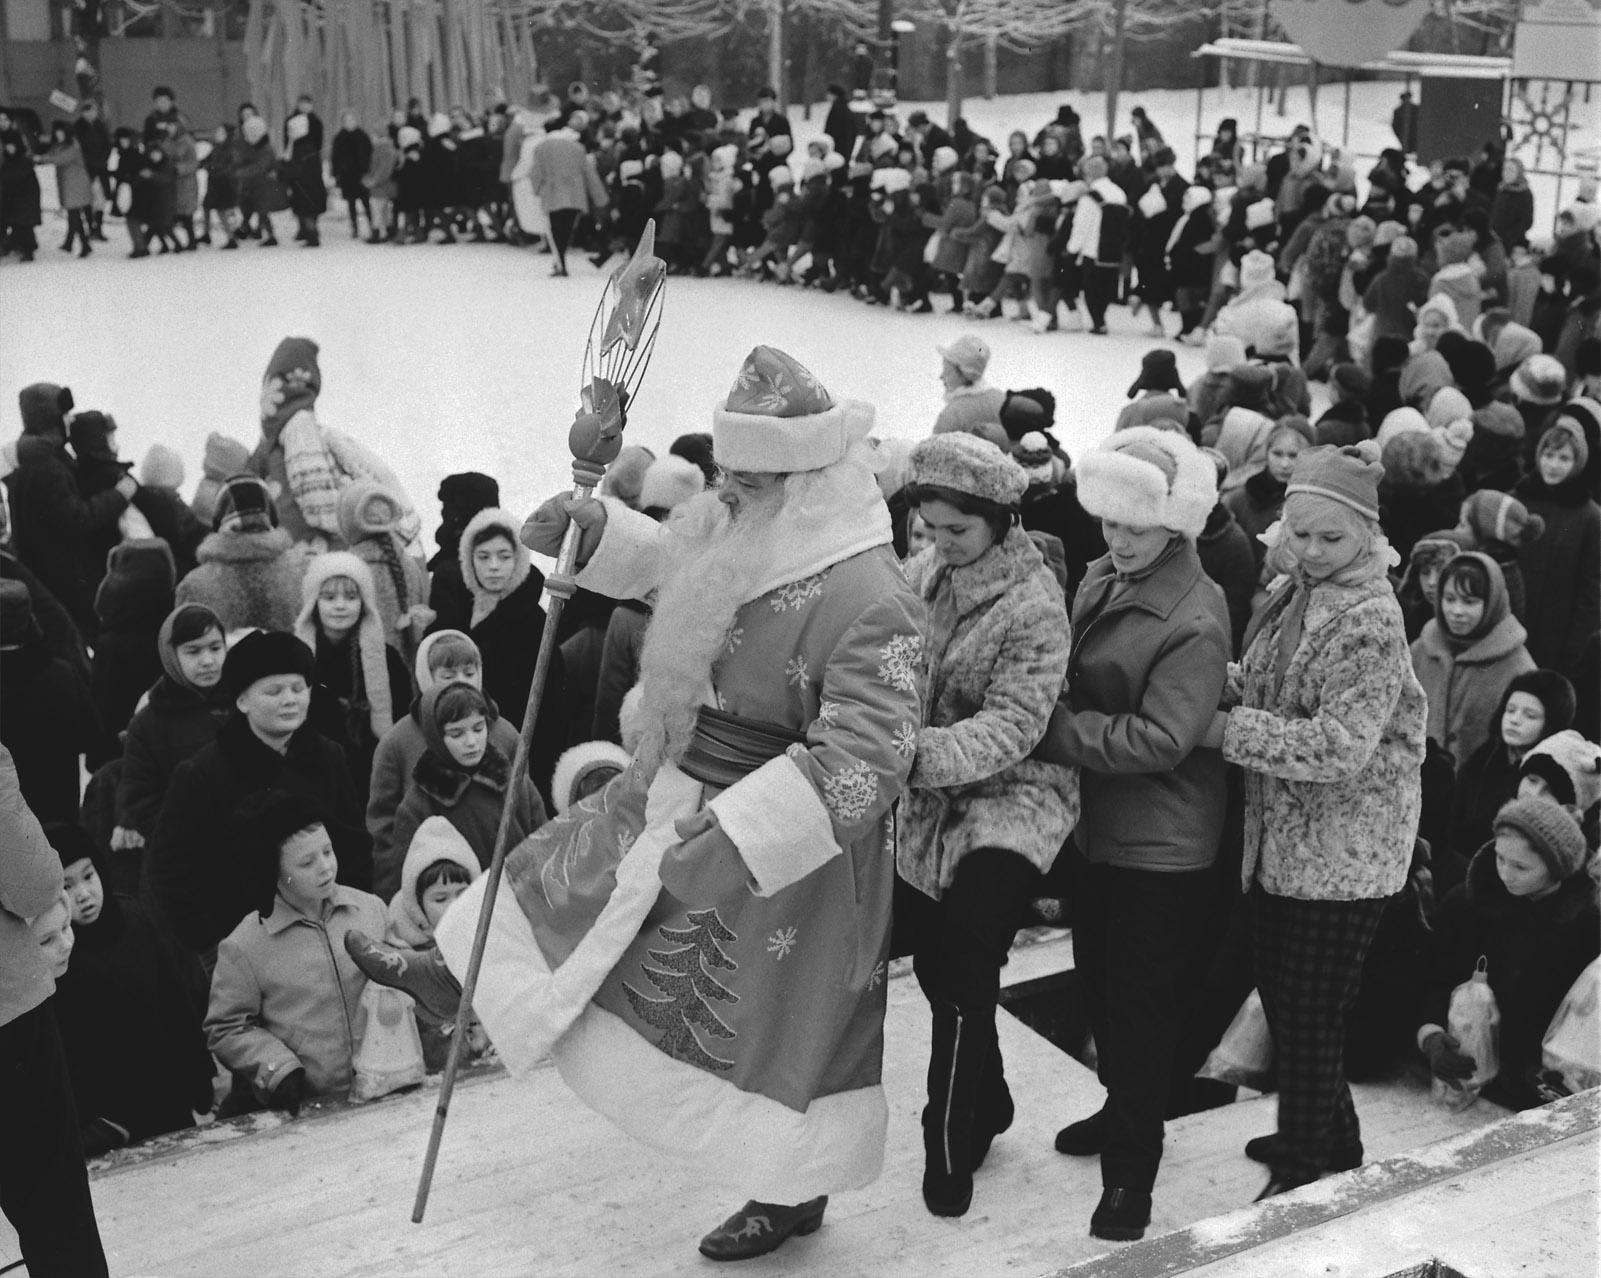 1967. Новогодние гулянья в Тайницком саду Кремля. Авторы В. Егоров, В. Мусаэльян. 31 декабря